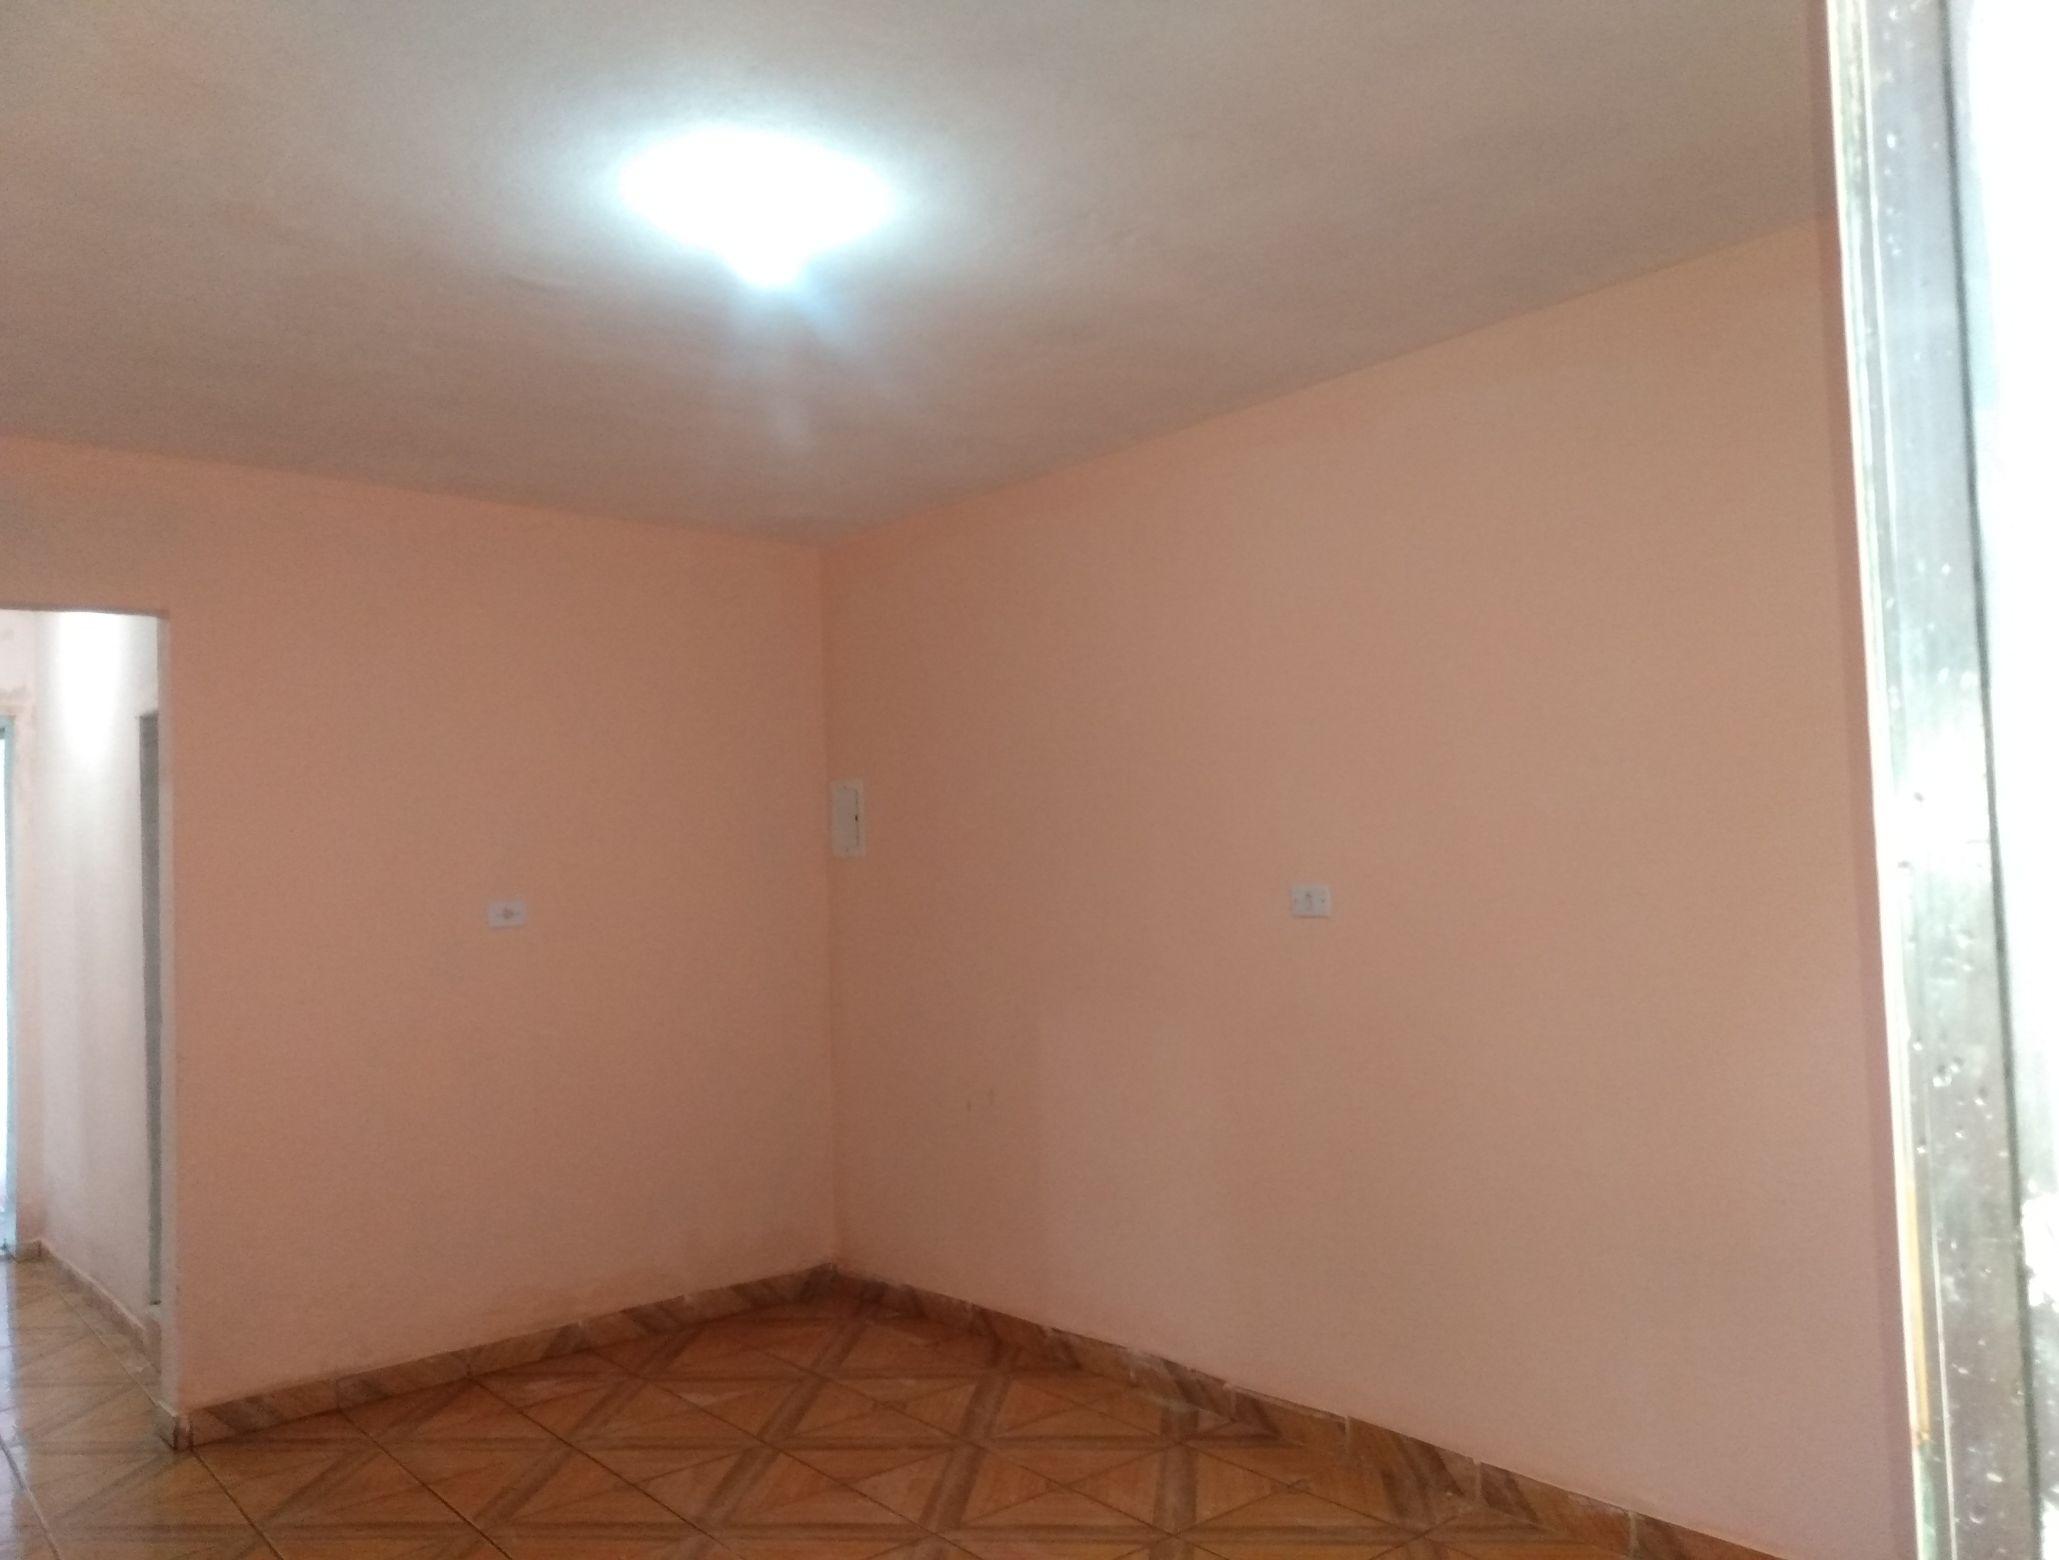 Pintura da Sala e casa em geral.